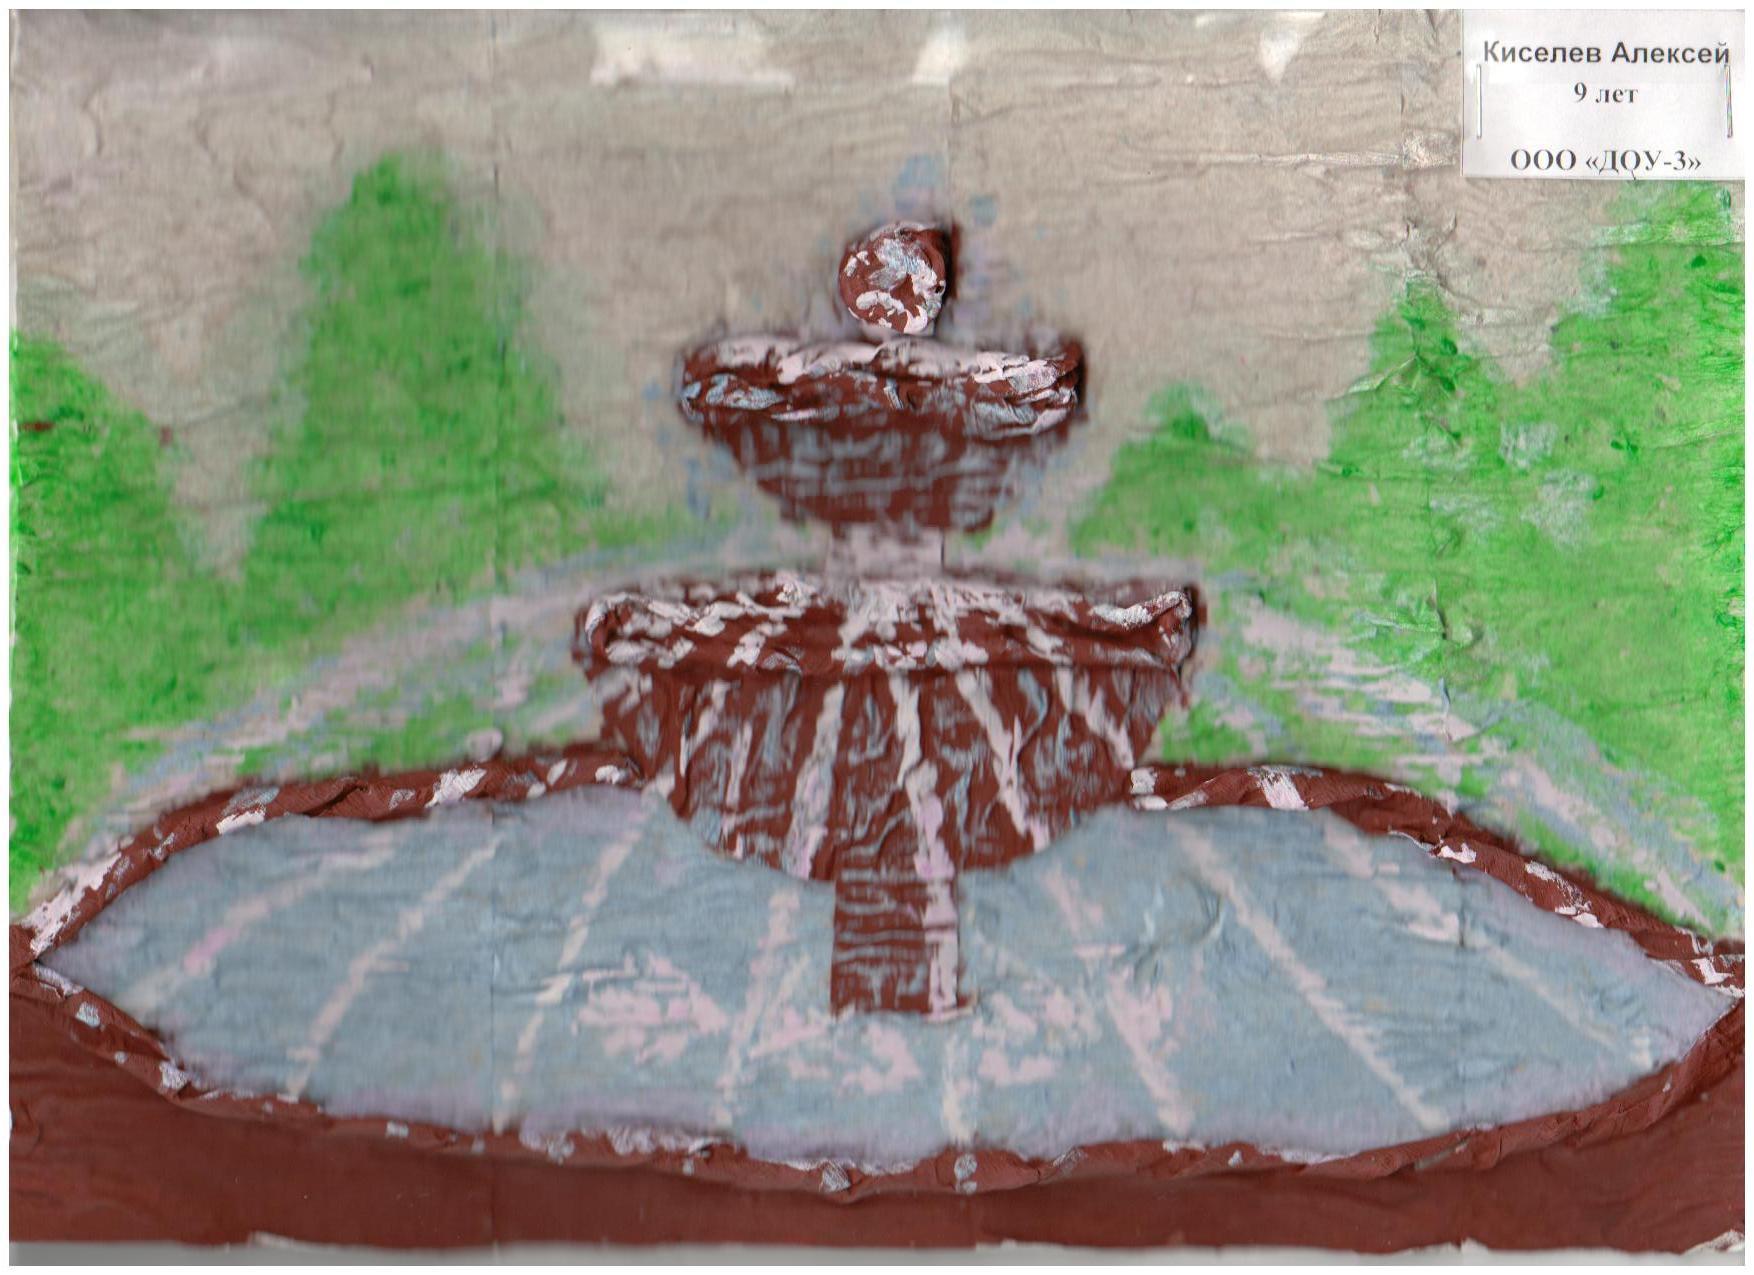 Киселёв Алексей 1 МЕСТО в конкурсе рисунков ко Дню города 2015 среди участников в возрасте от 6 до 1